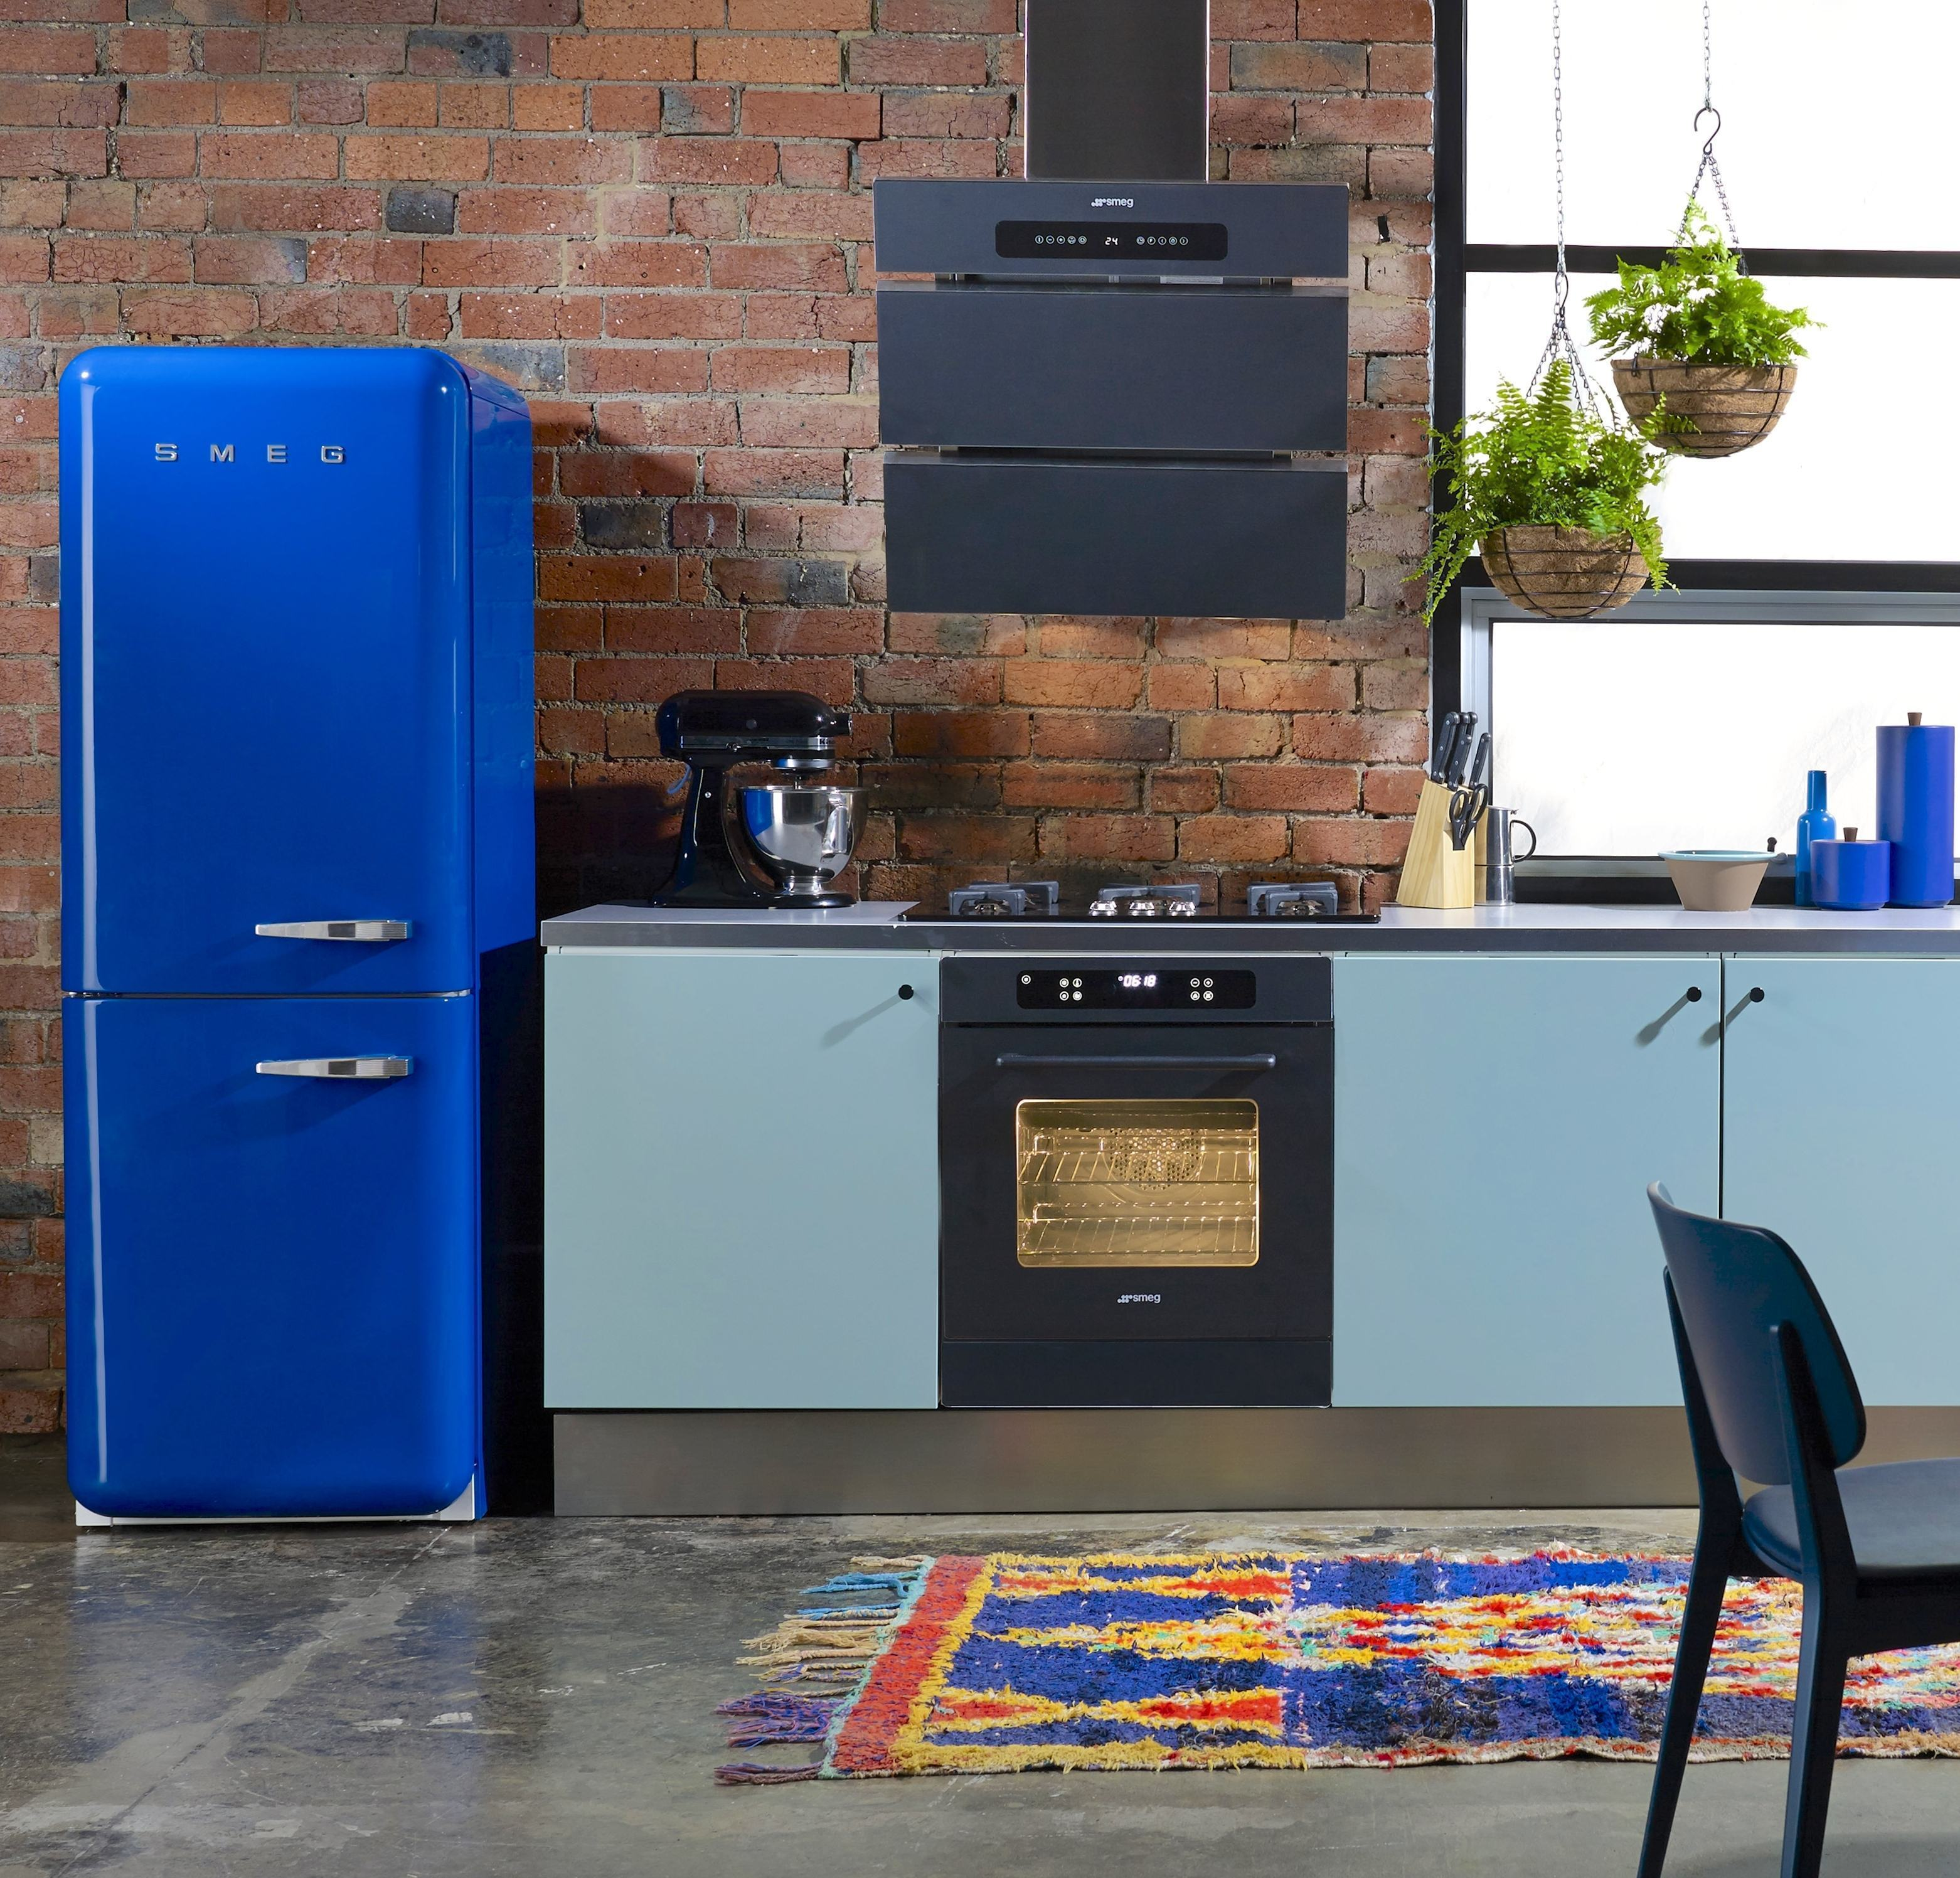 Deixe sua cozinha azul com aspecto jovial